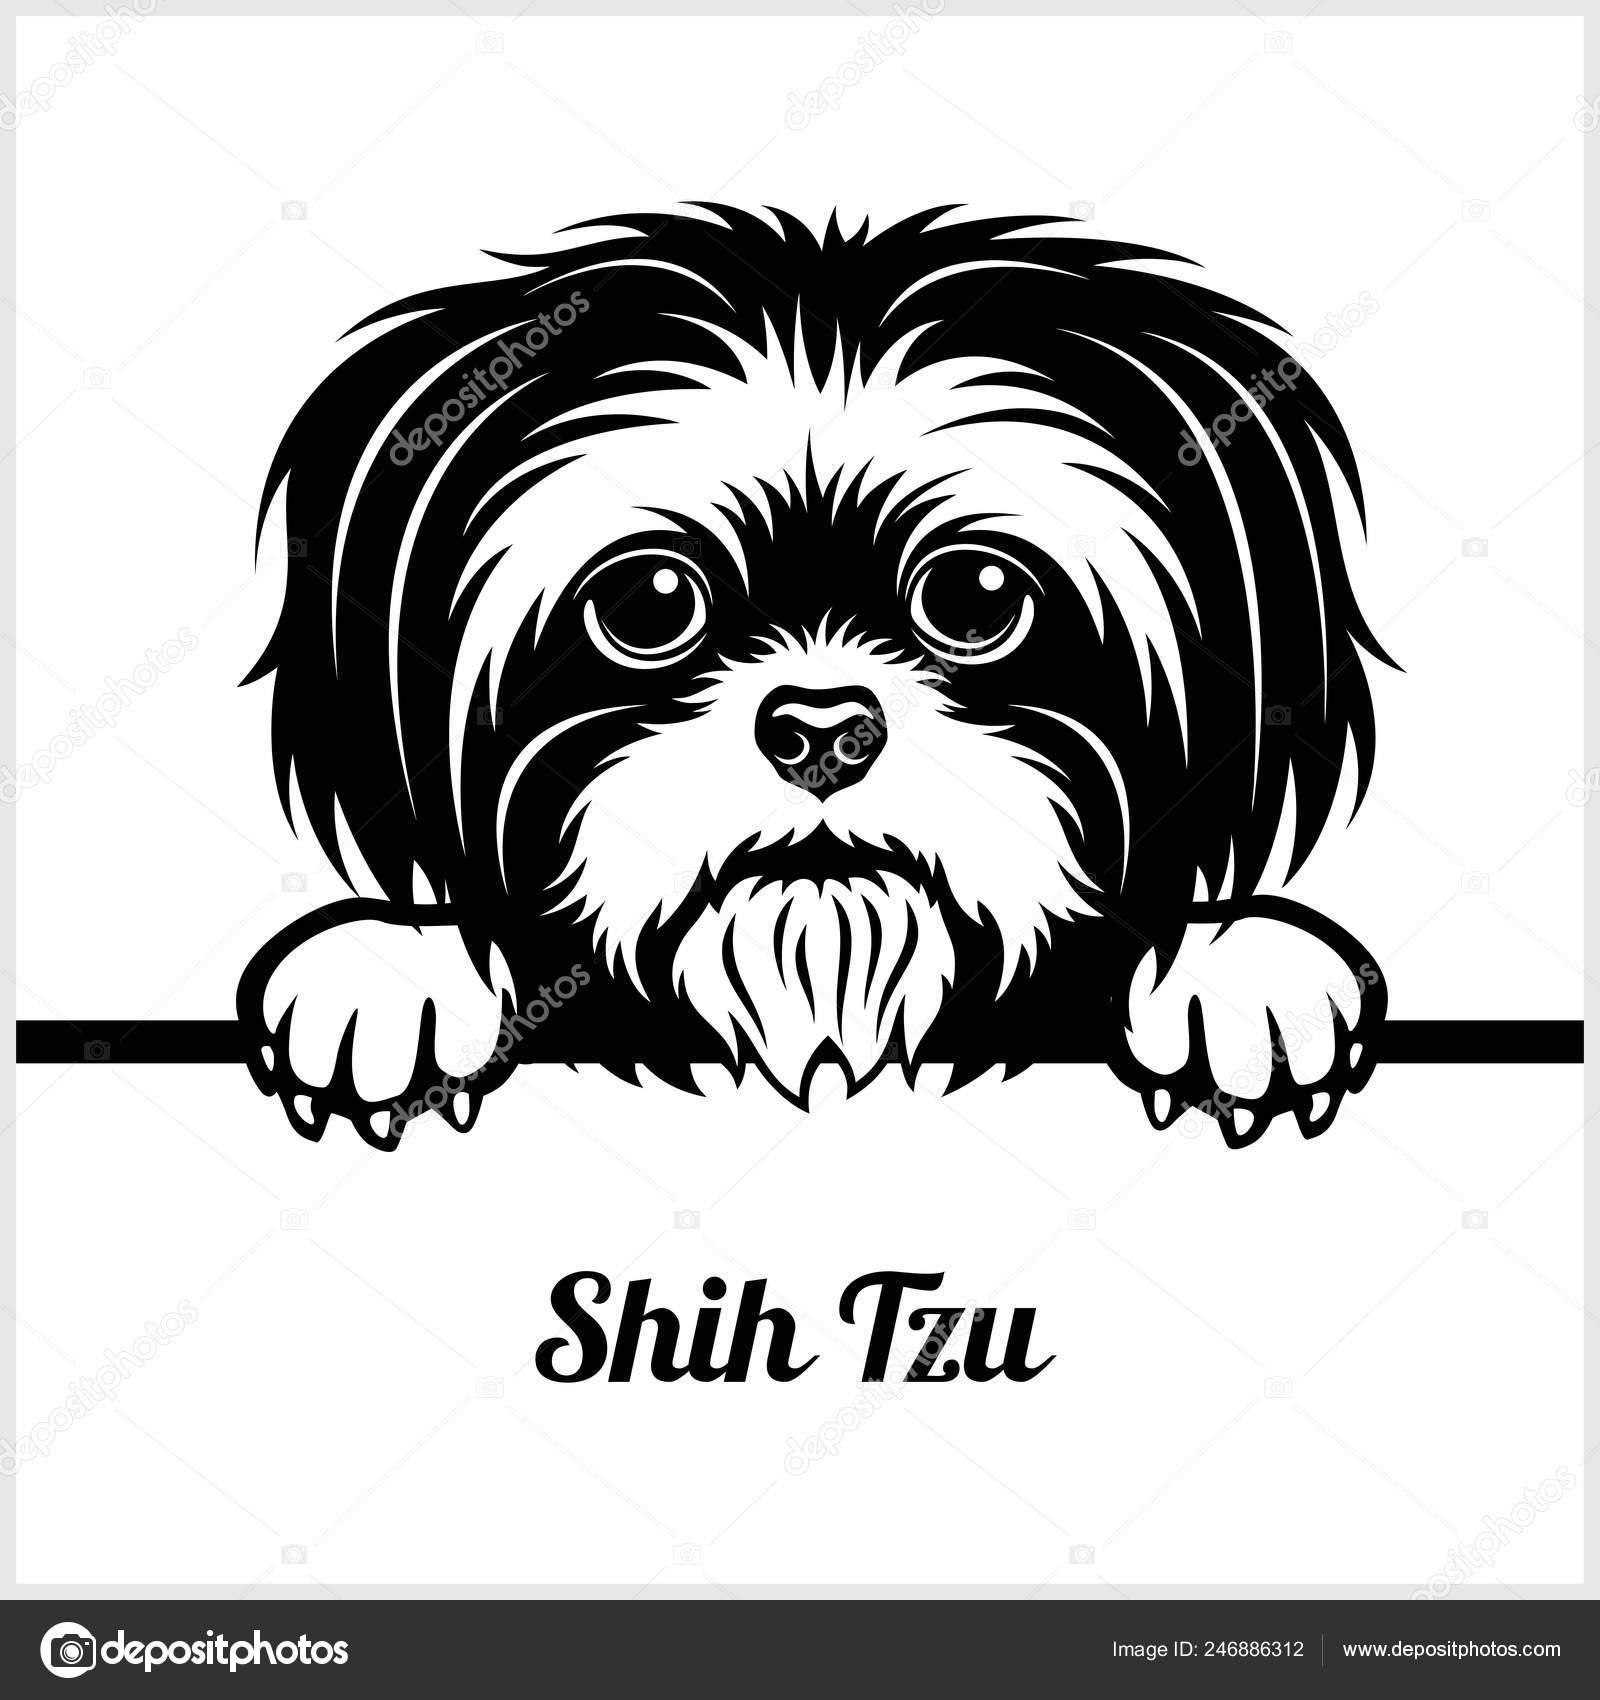 Pics: shih tzu.